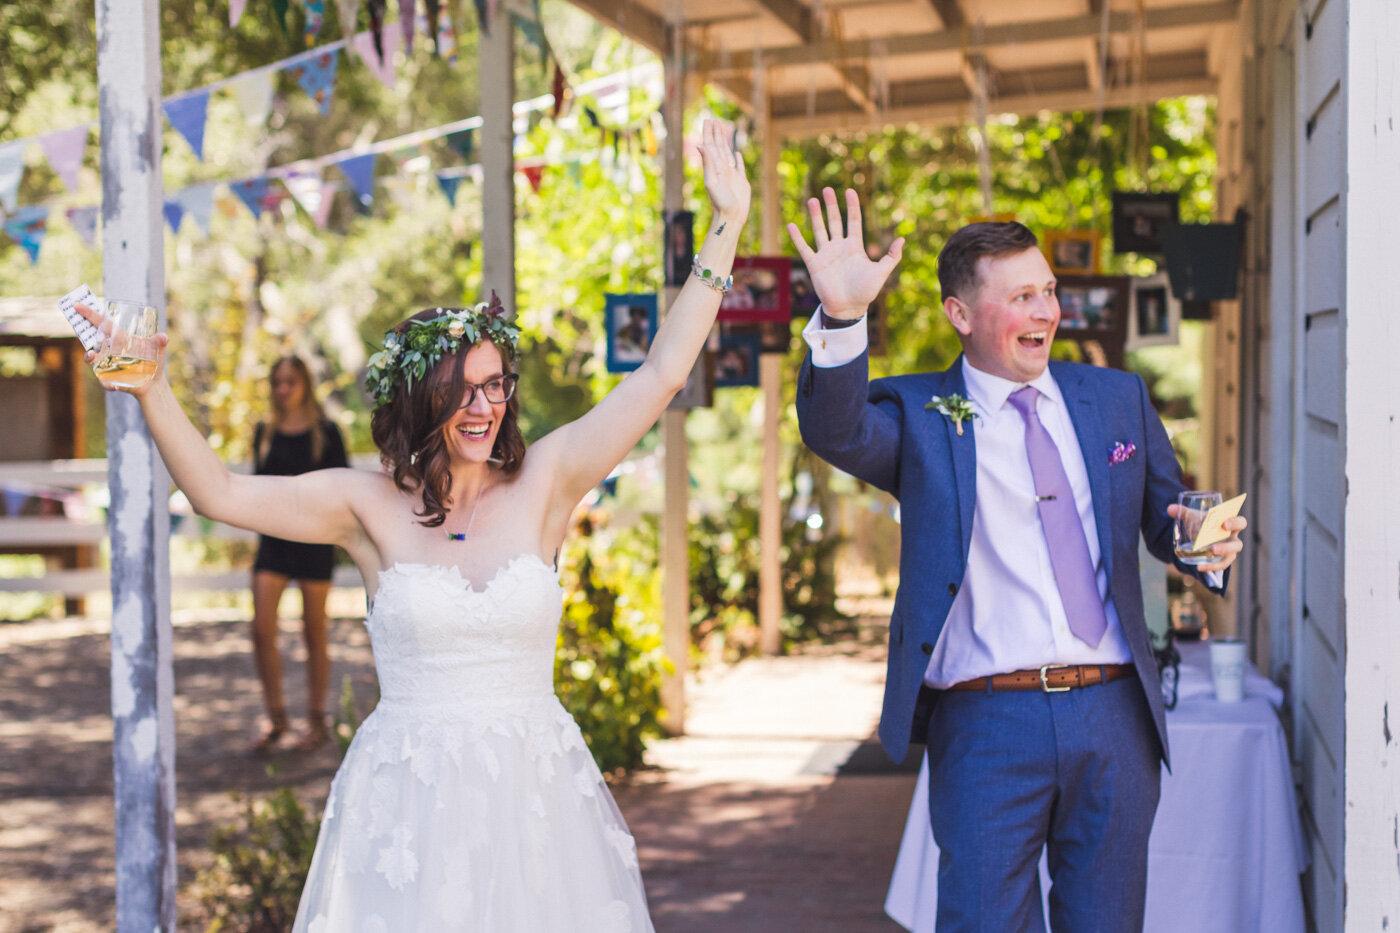 santa-cruz-bride-and-groom-just-married